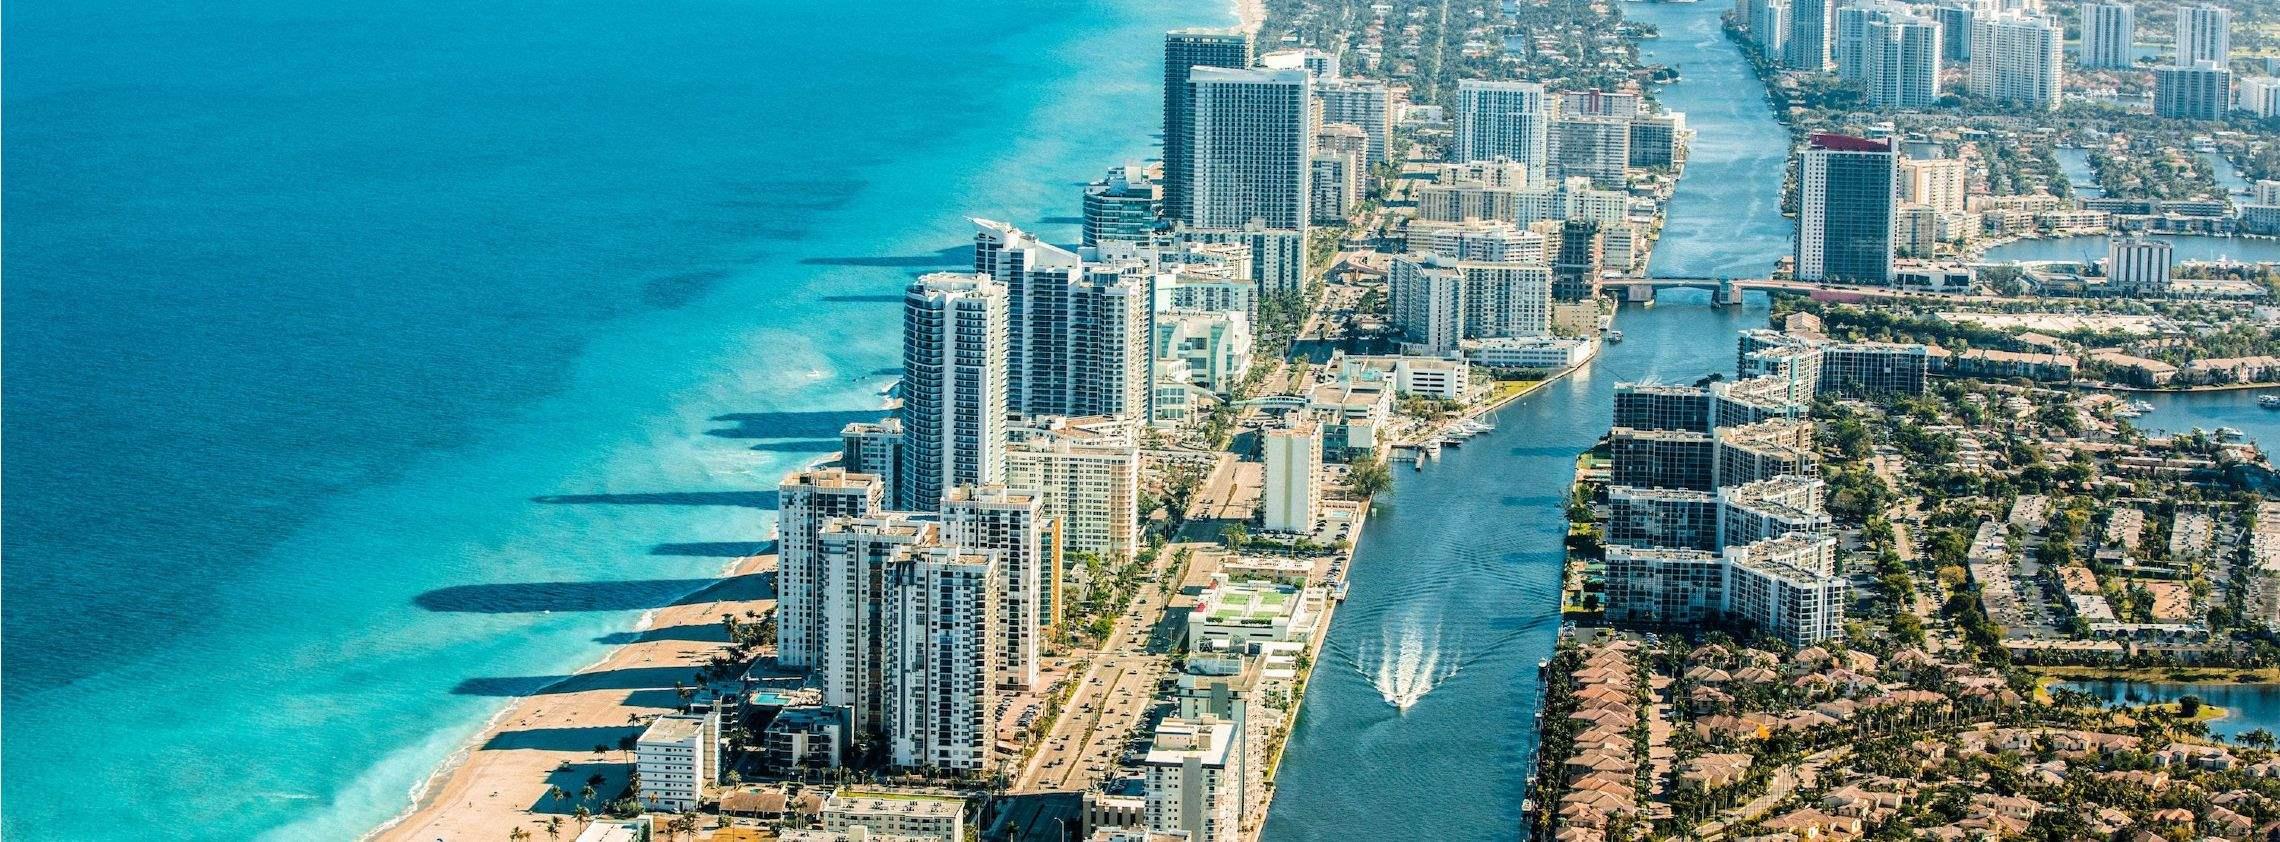 Miami by Ed Derrico/Unsplash